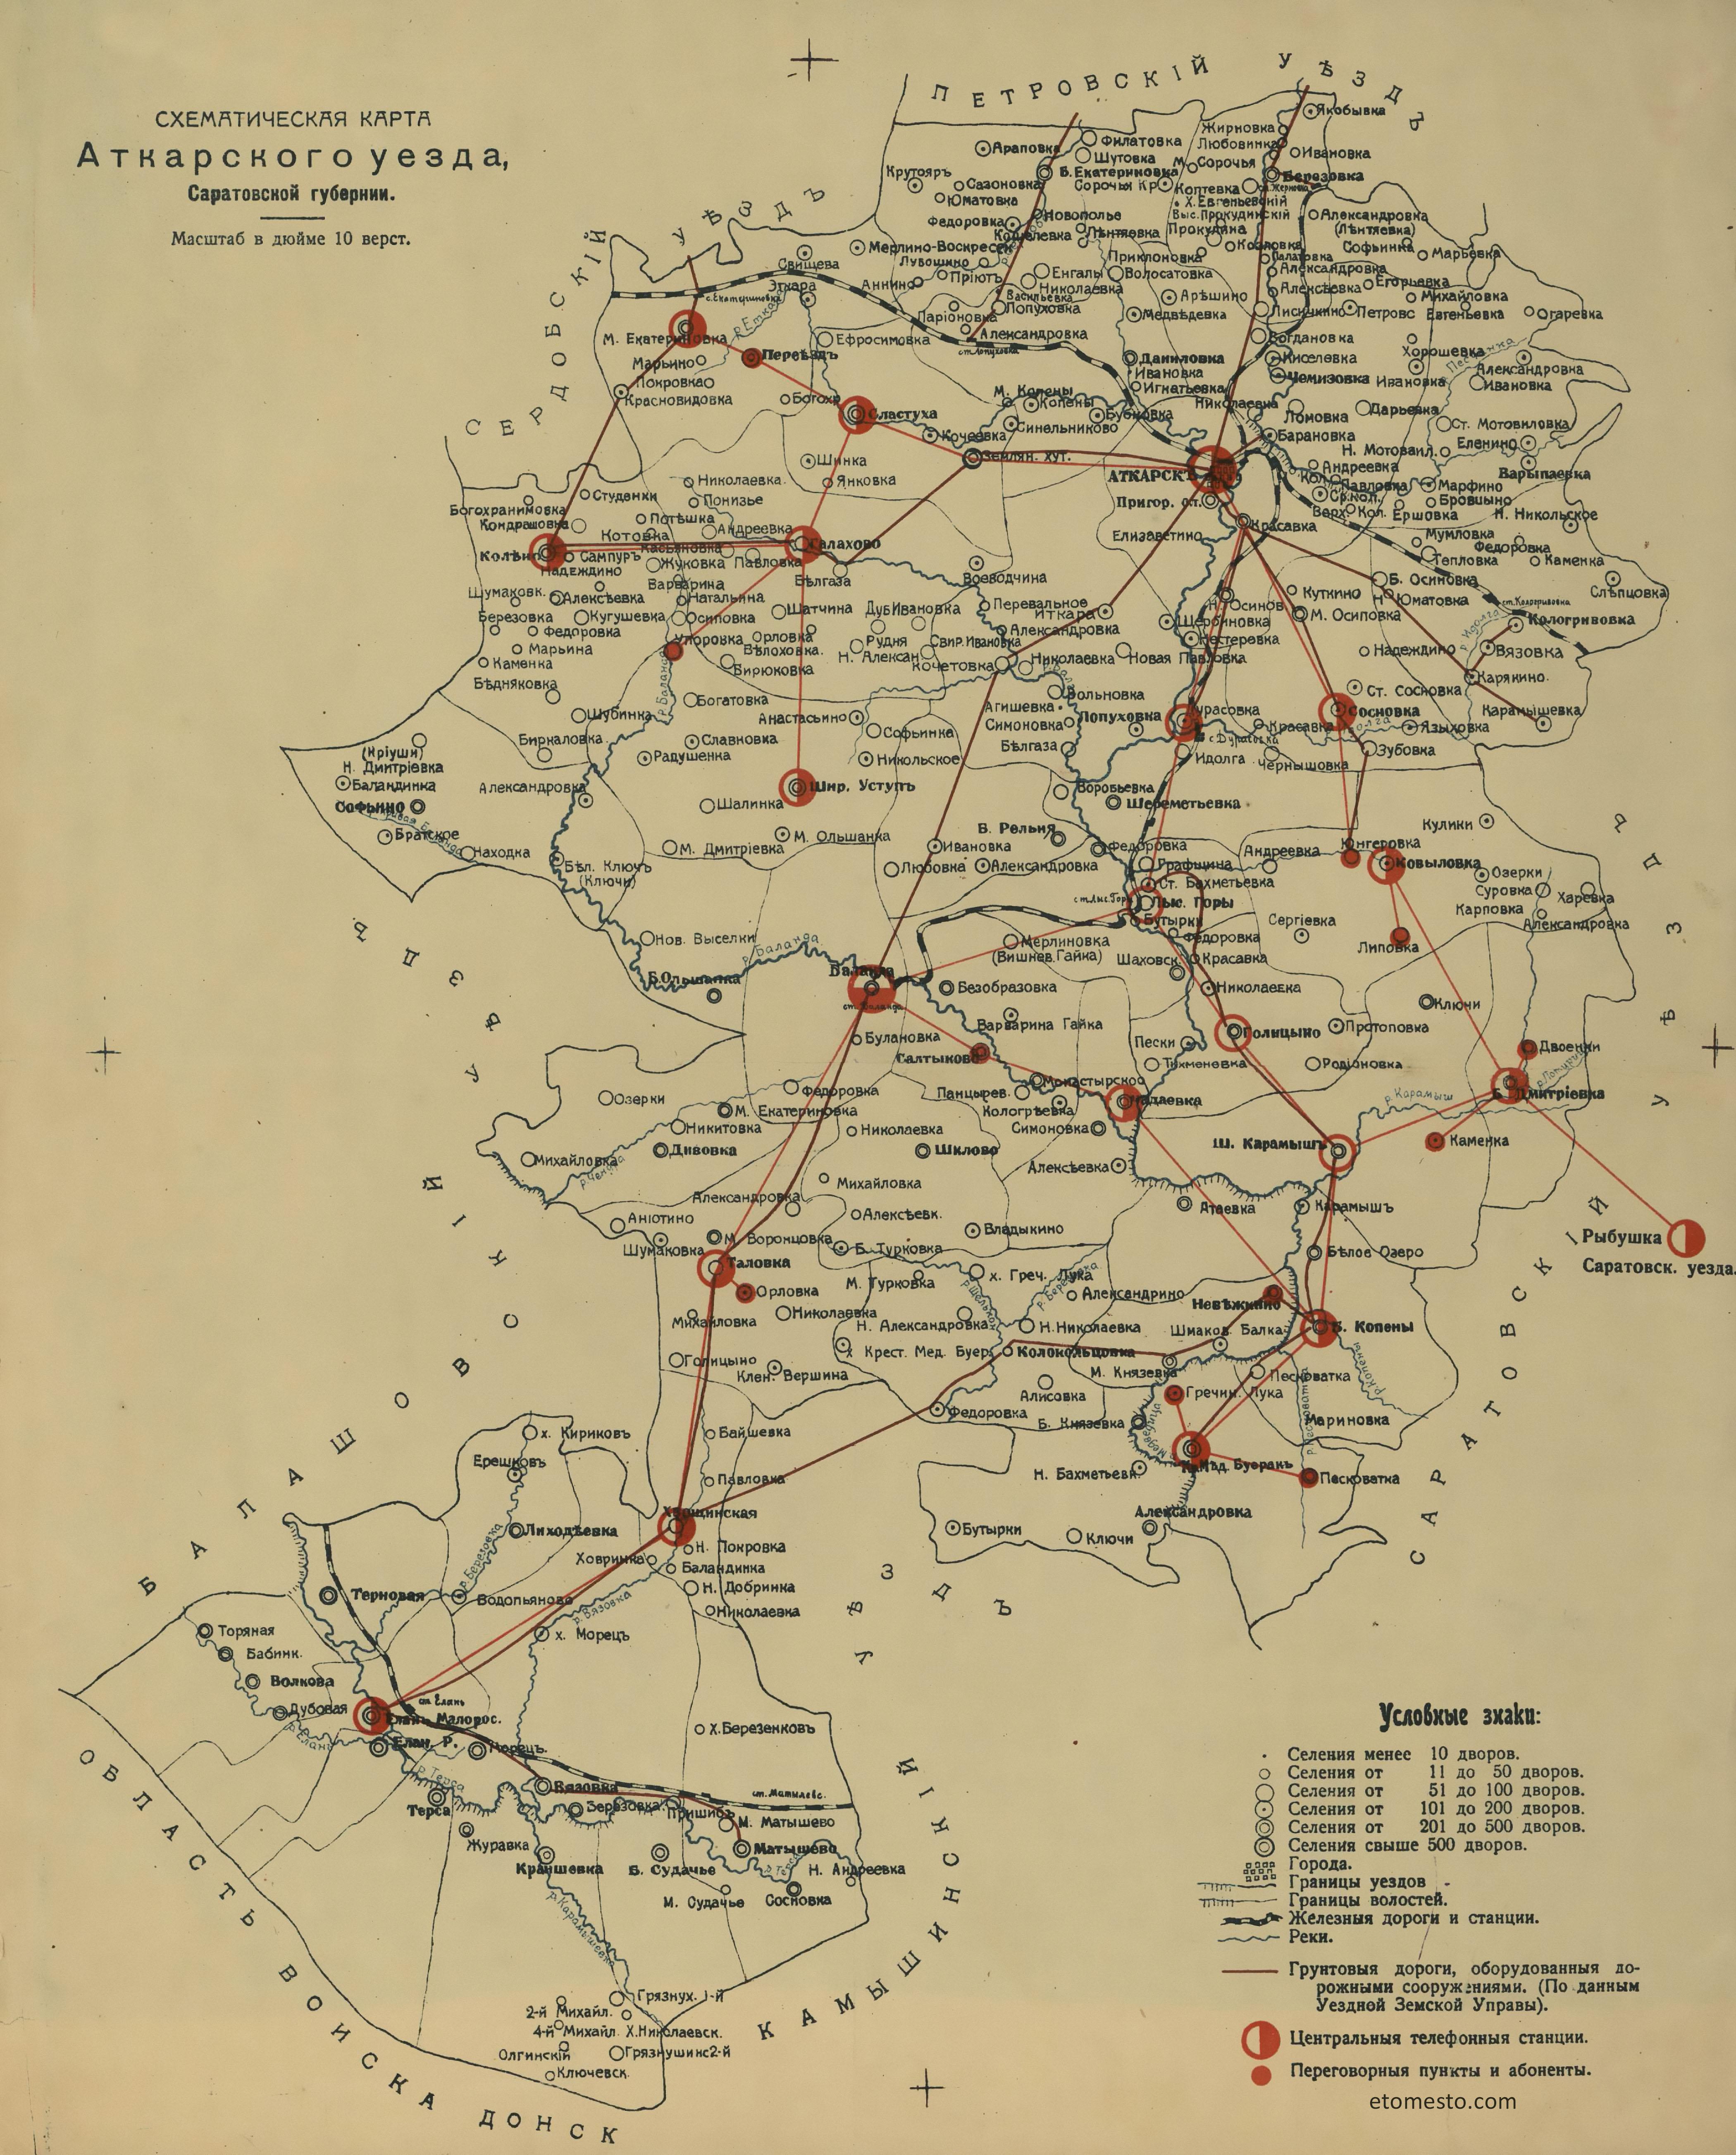 административно-процессуального обеспечения старинная карта саратовской губернии можно